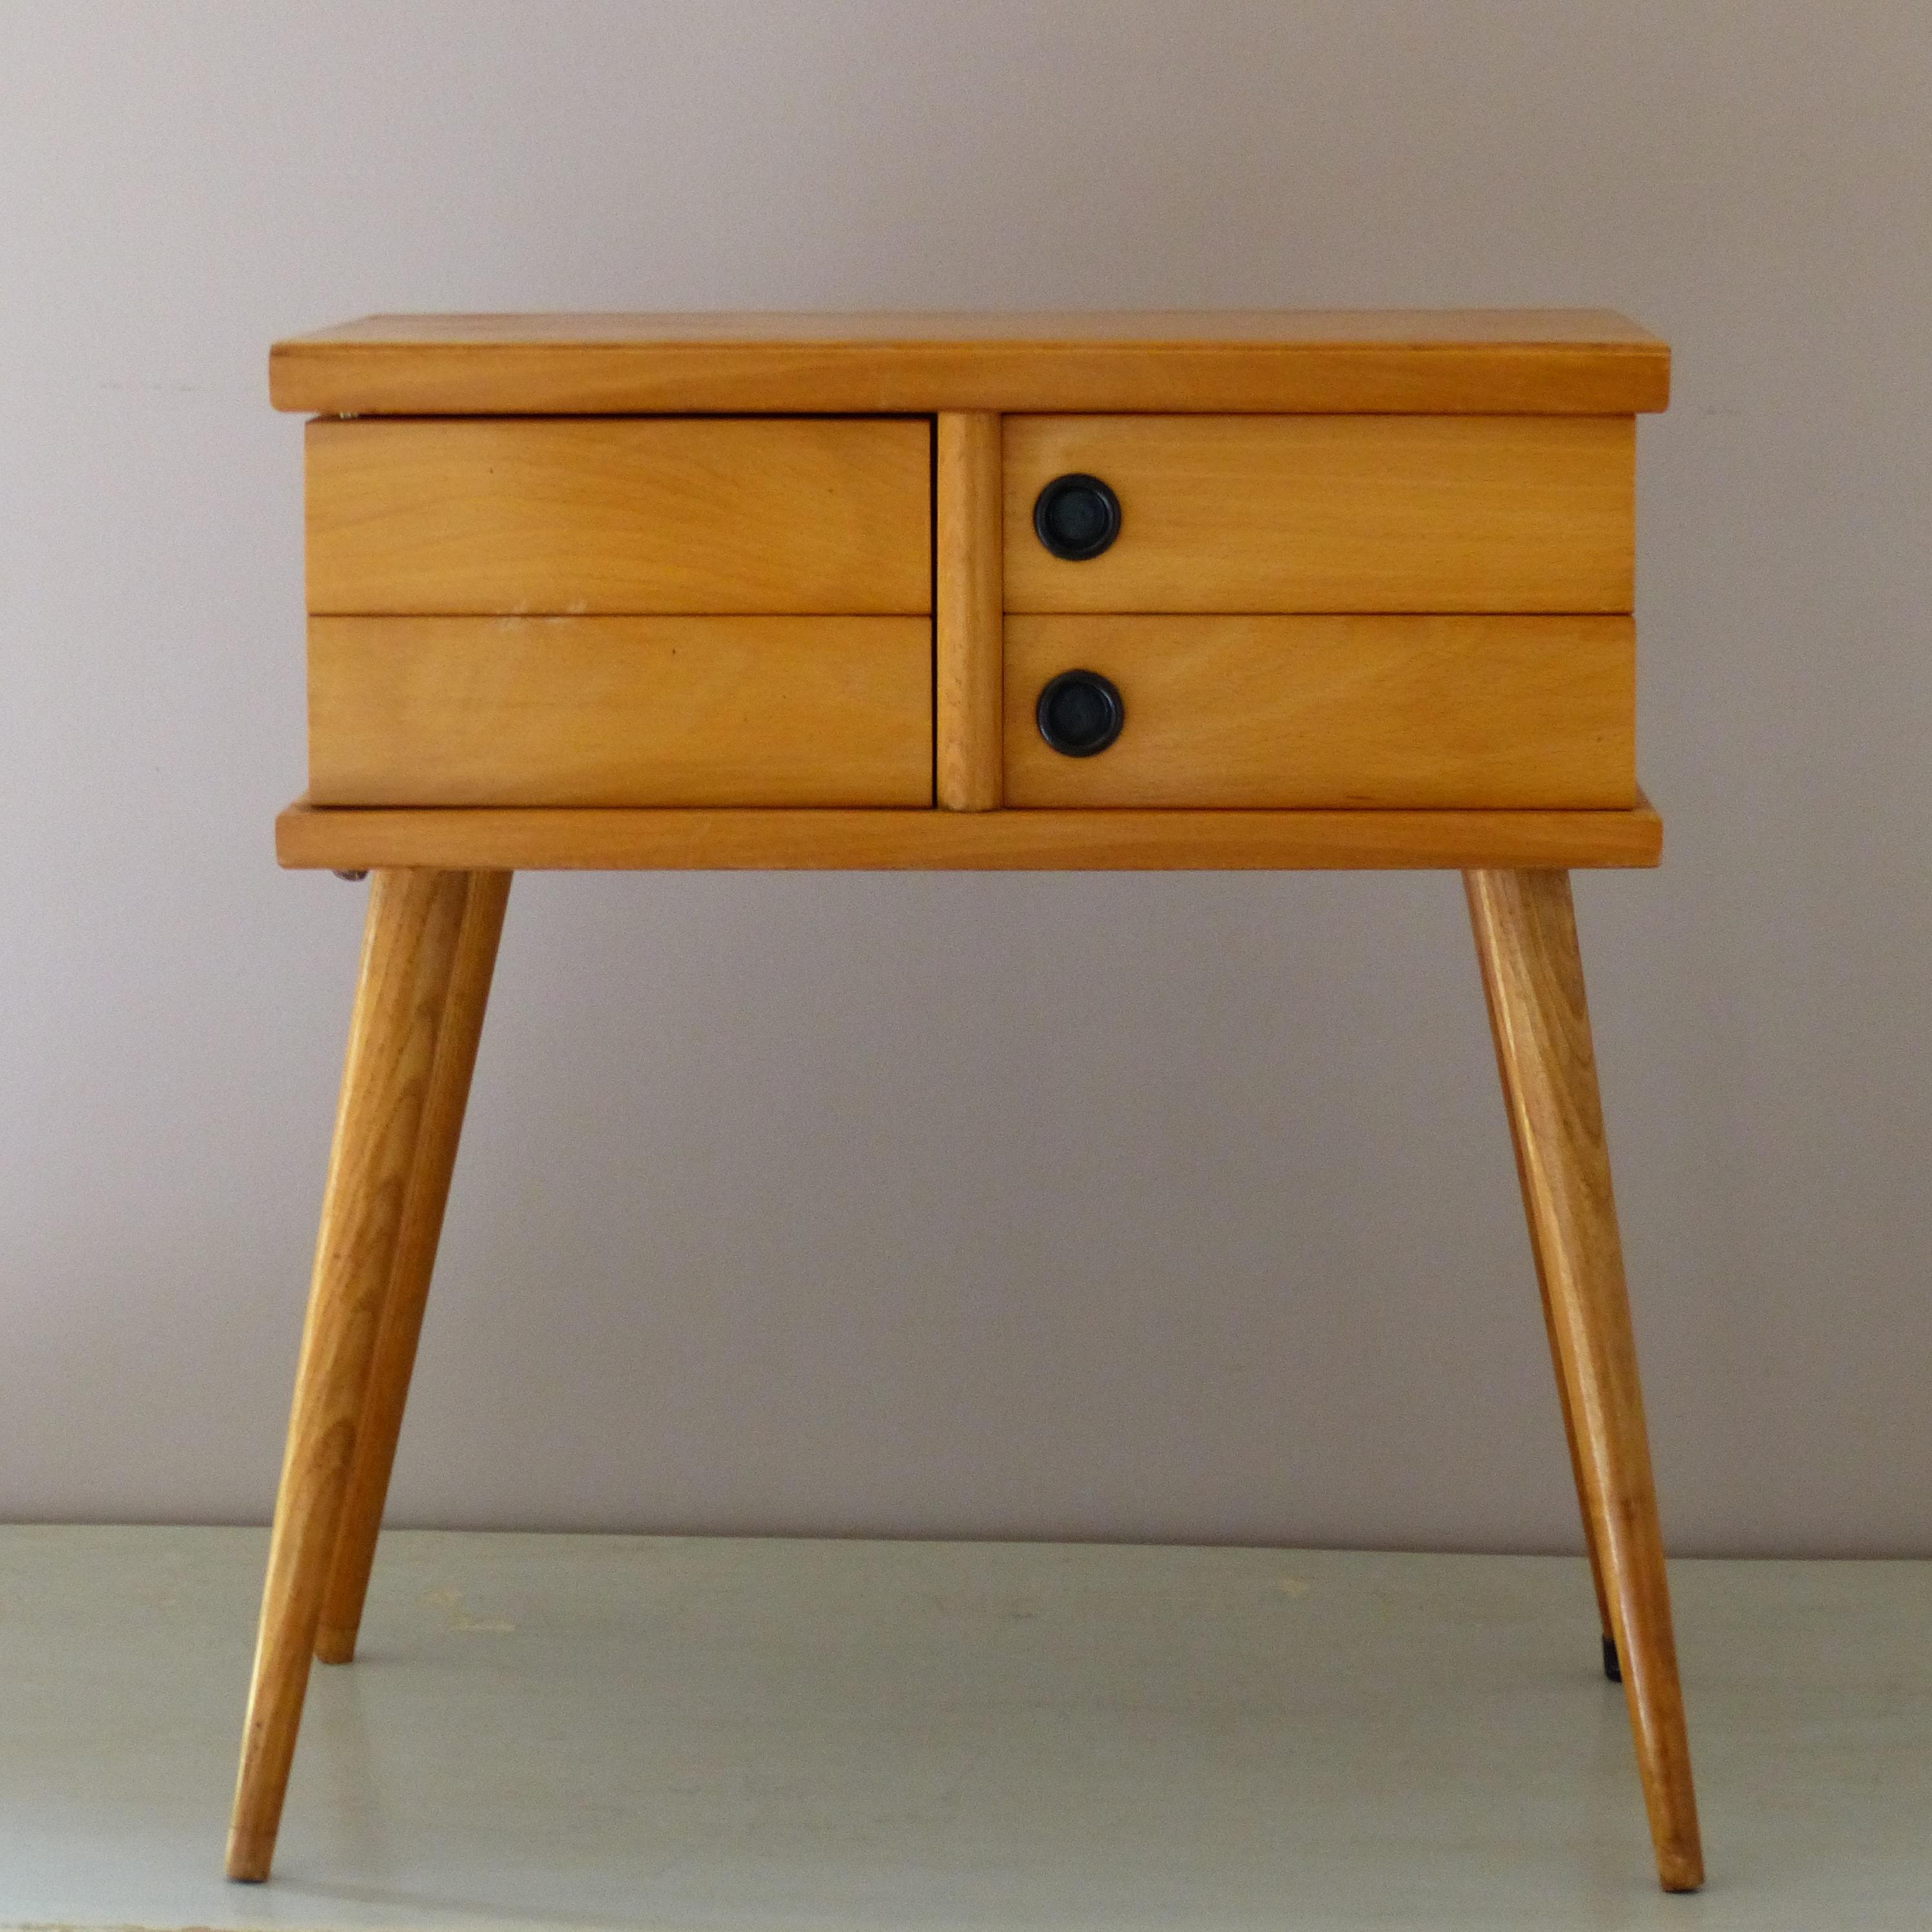 travailleuse vintage lignedebrocante brocante en ligne. Black Bedroom Furniture Sets. Home Design Ideas